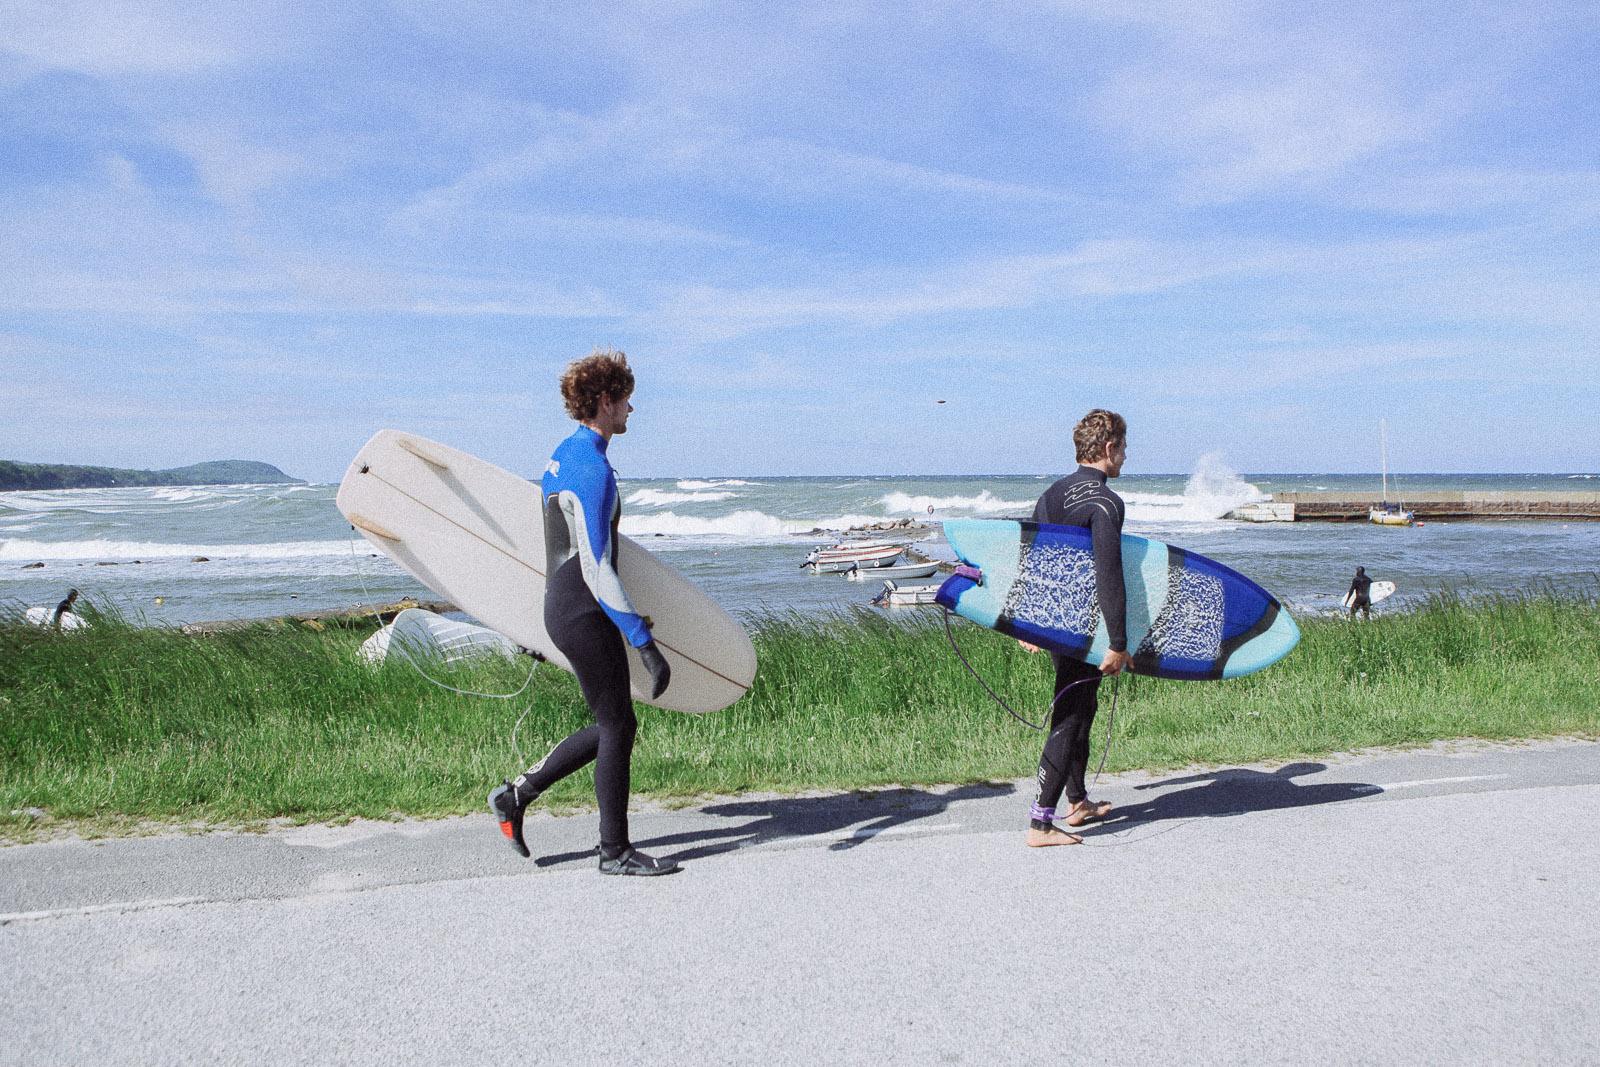 Sunshinestories-Surf-Vik-Österlen-Skåne-IMG_0129